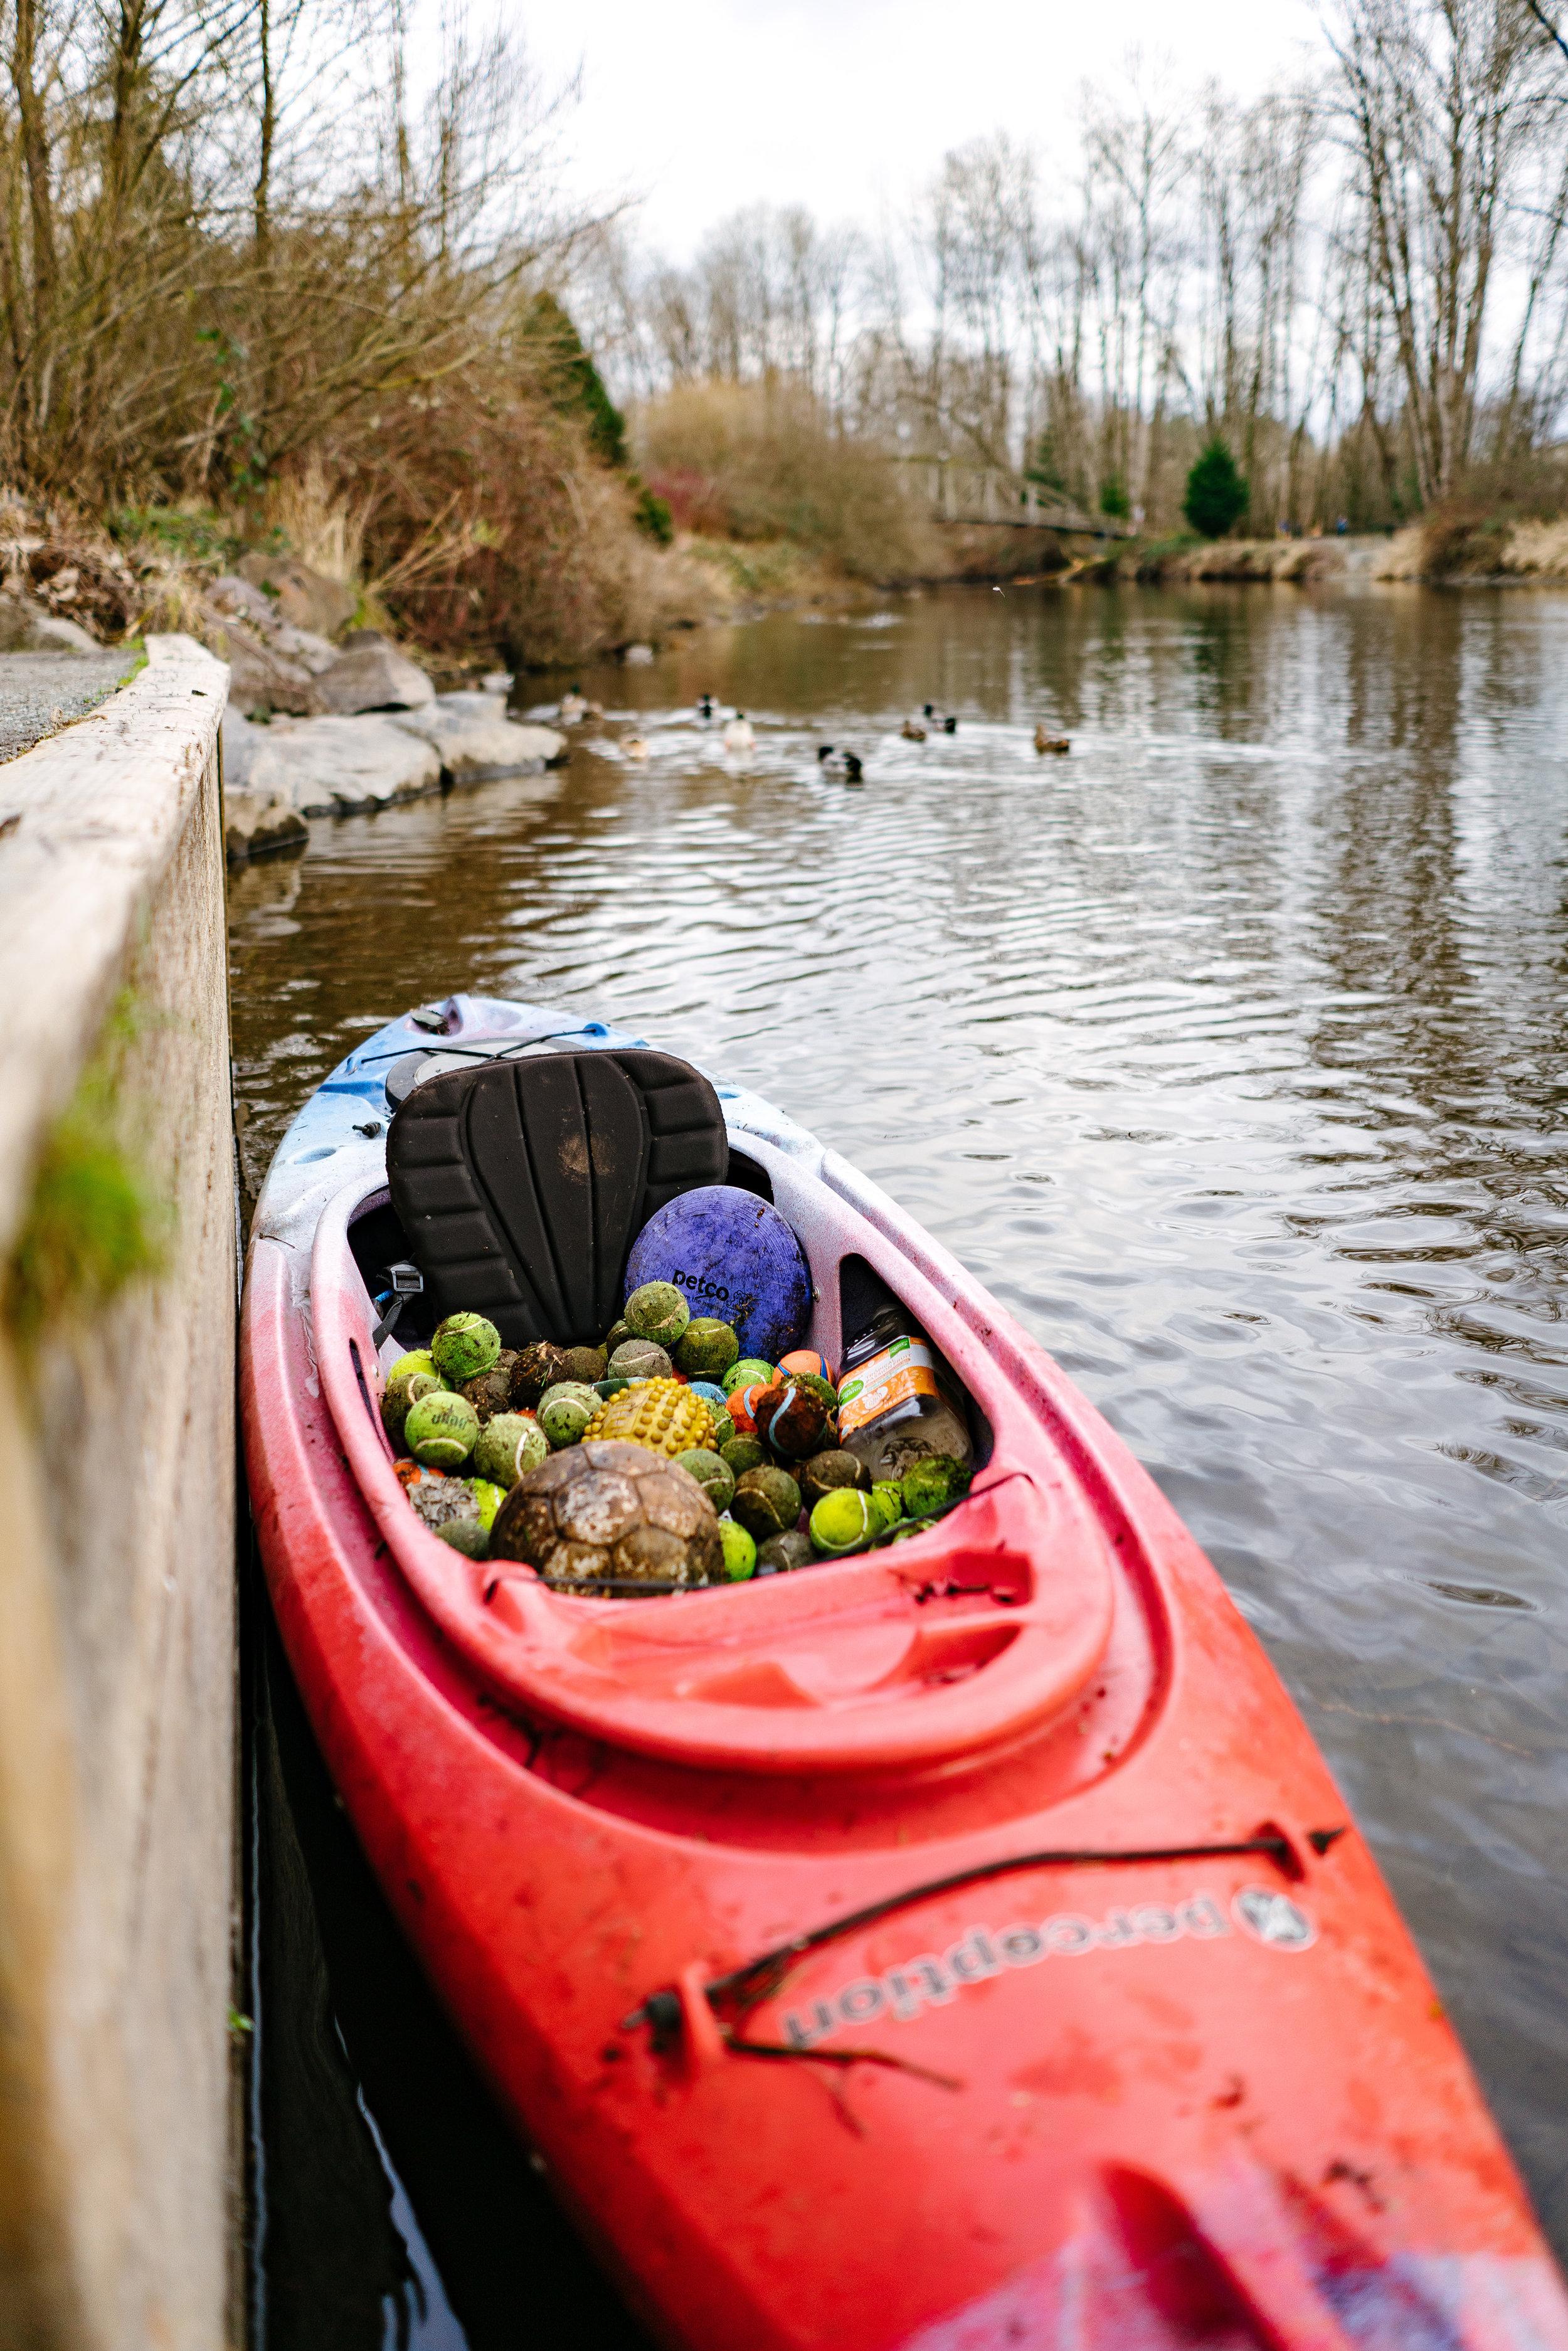 Wildlife Conservation Photographer based in Seattle, Washington